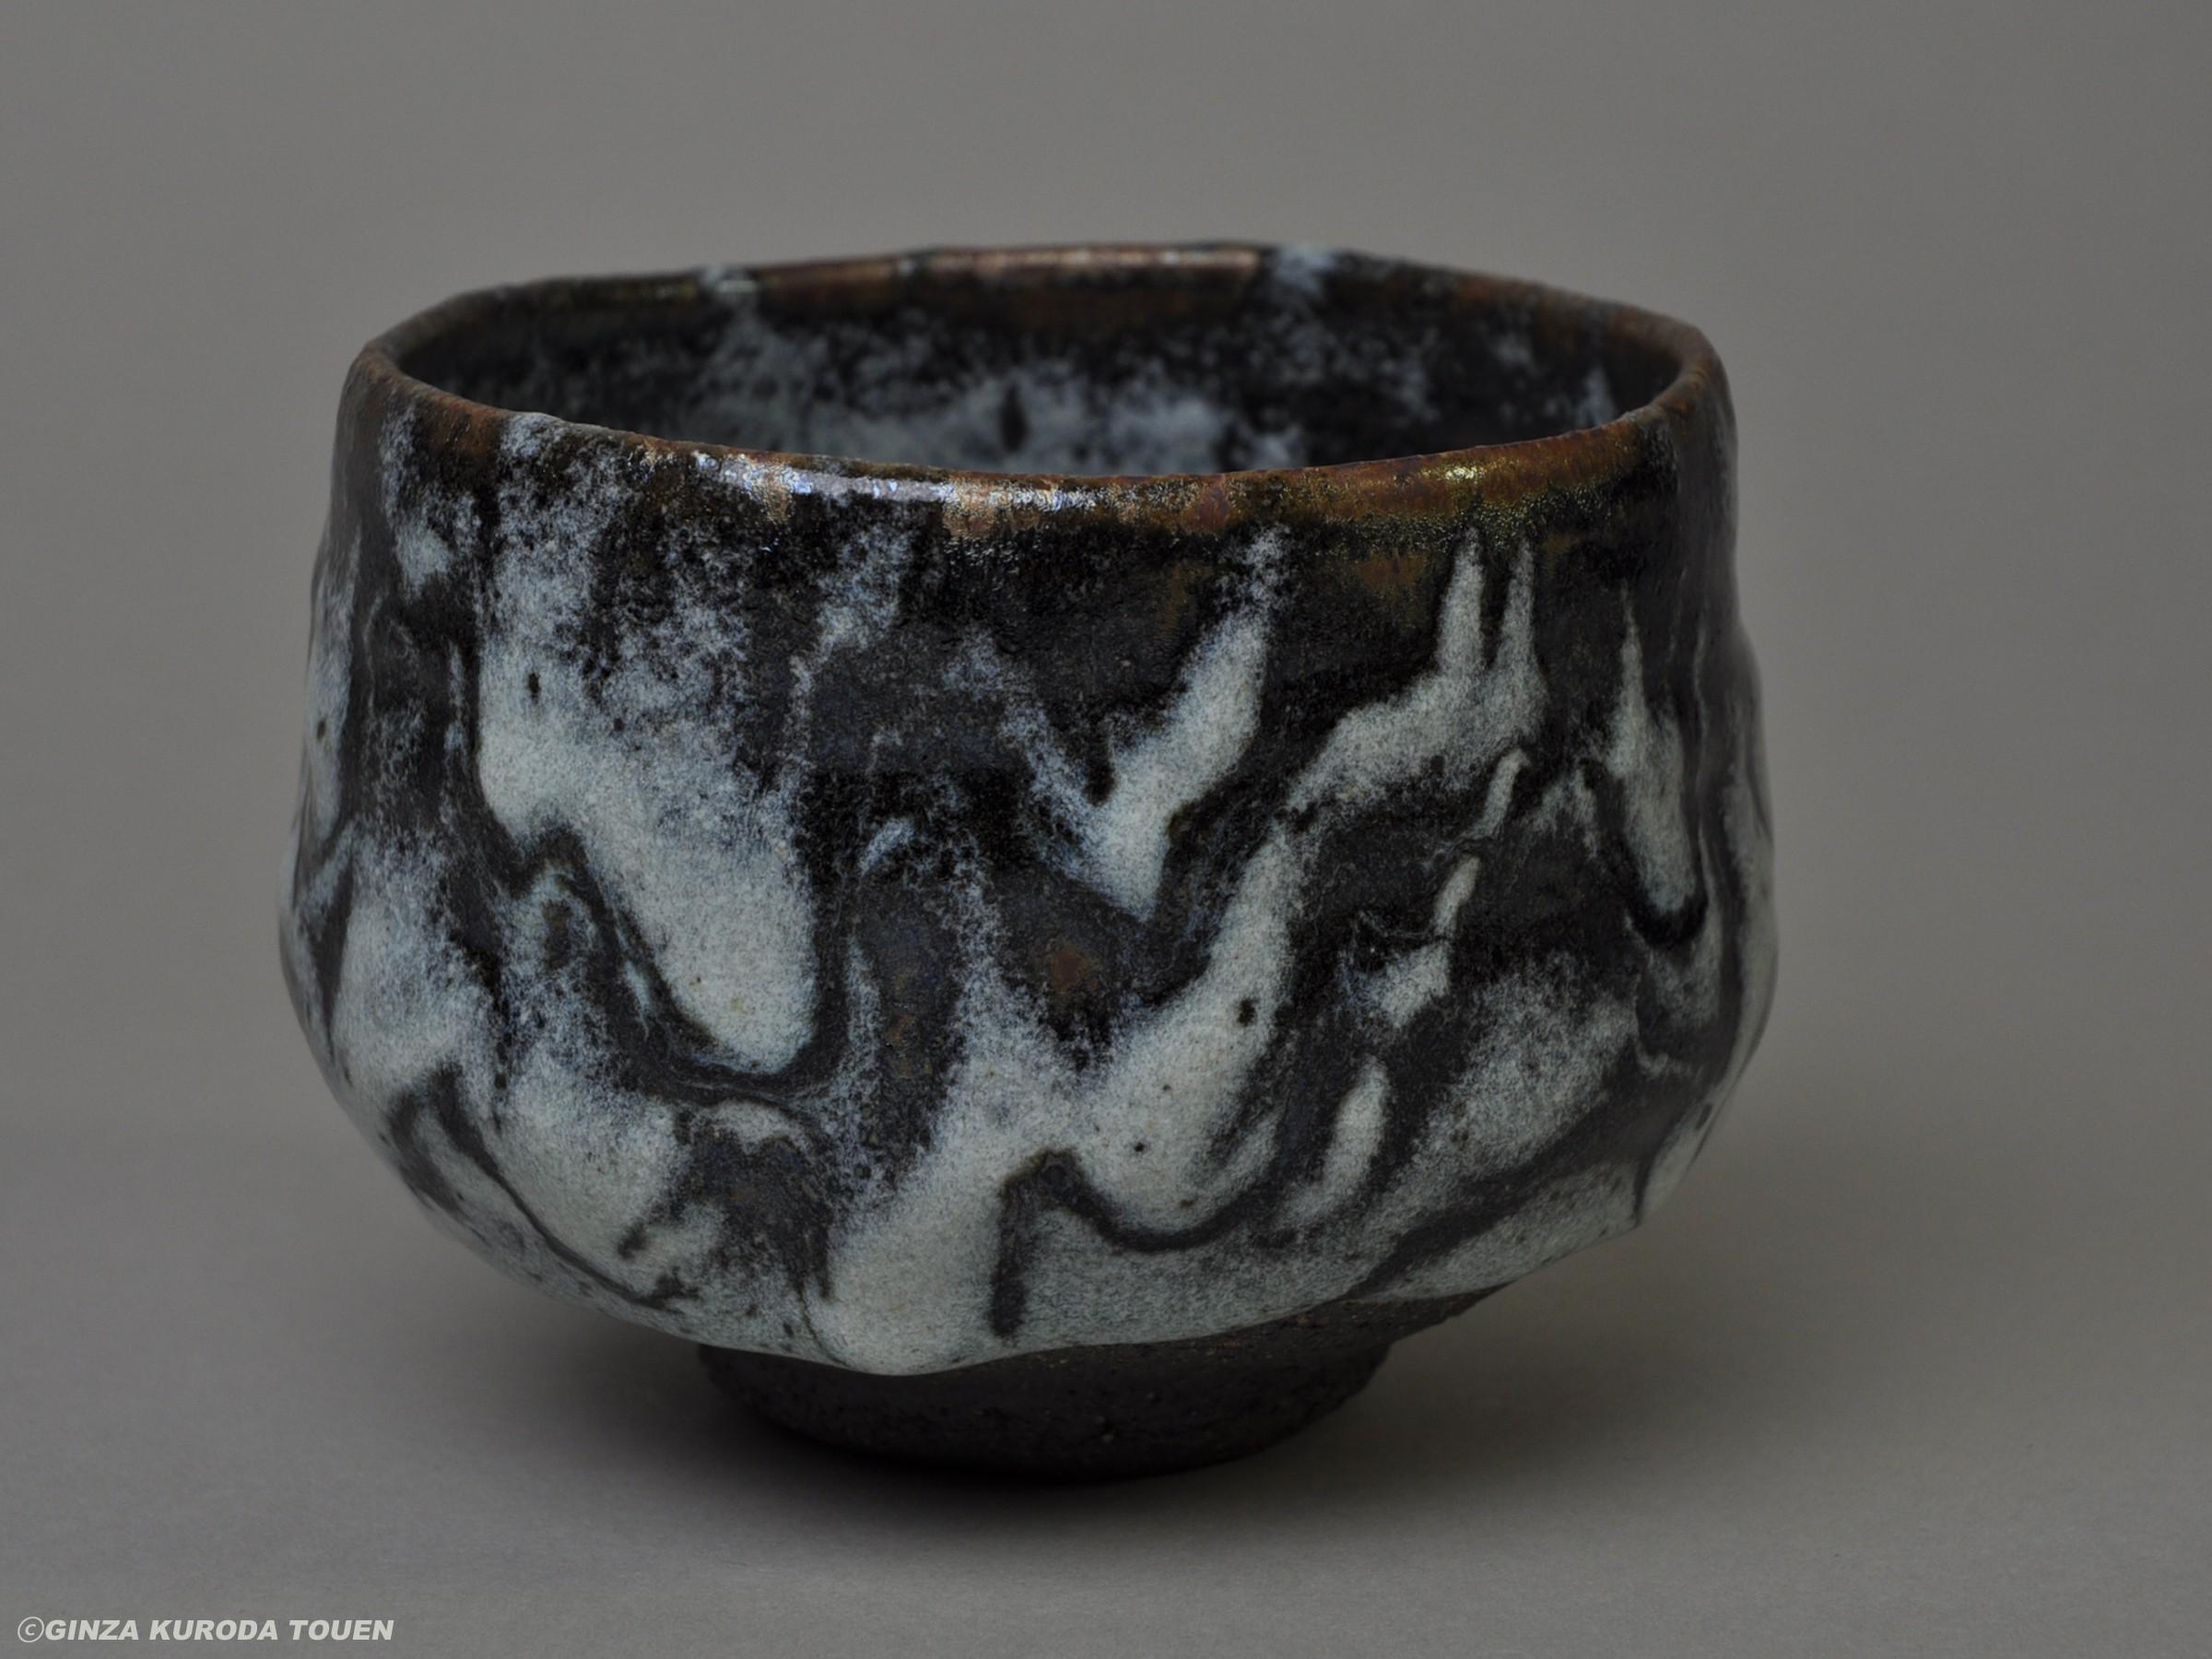 Uichi Shimizu: Tea bowl